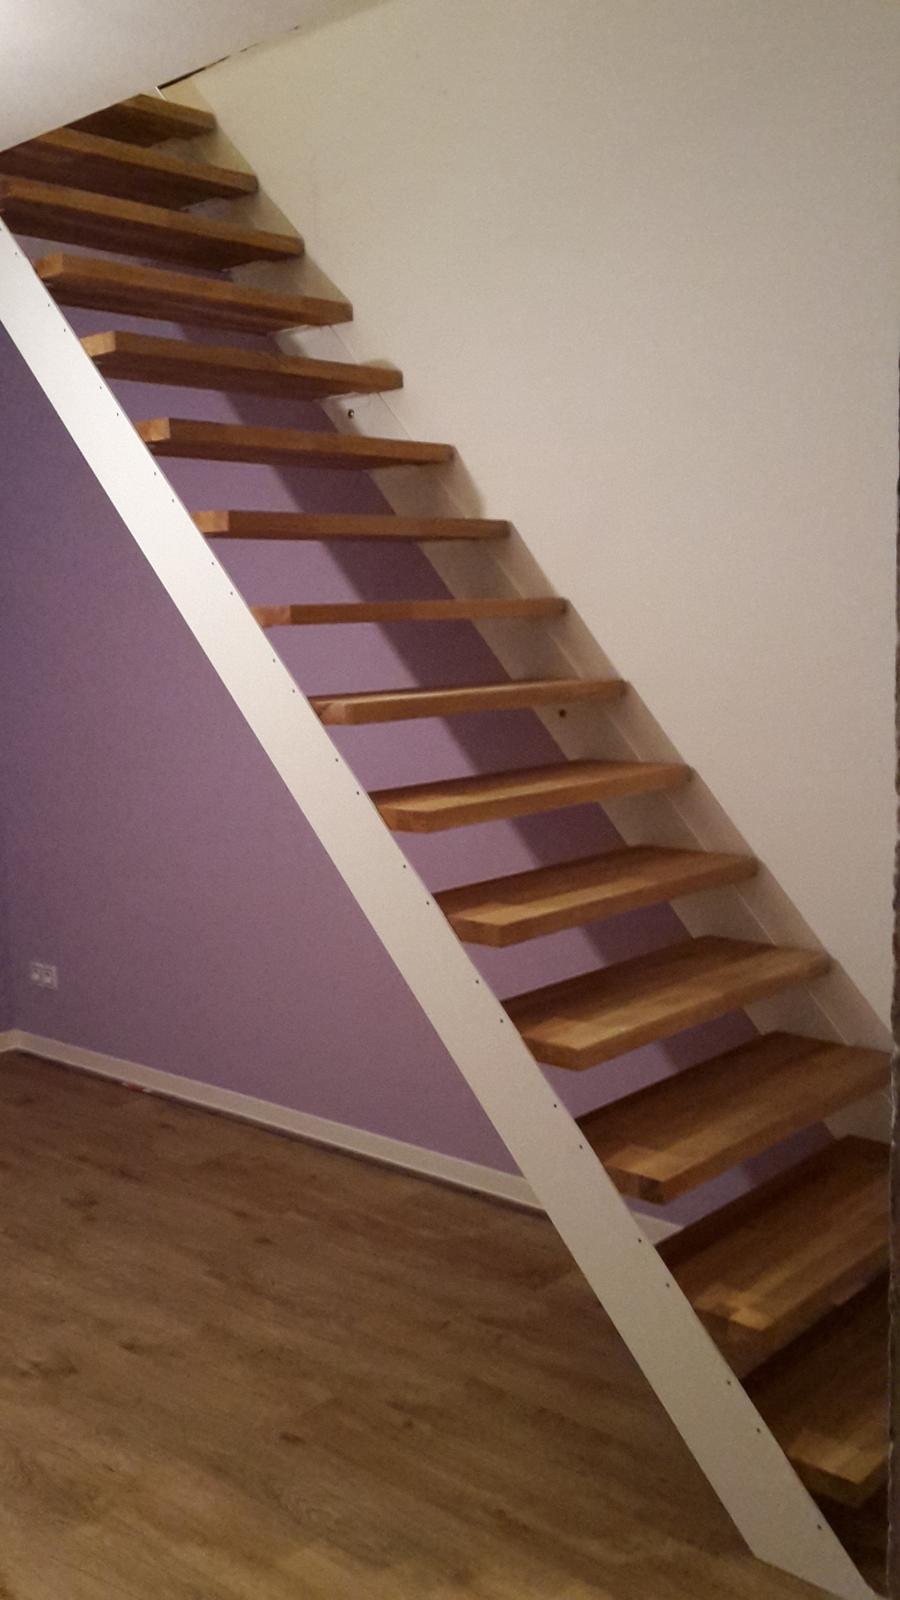 Domeček - březen  - schodiště smontováno, ale asi budeme předělávat, je hodně příkré...